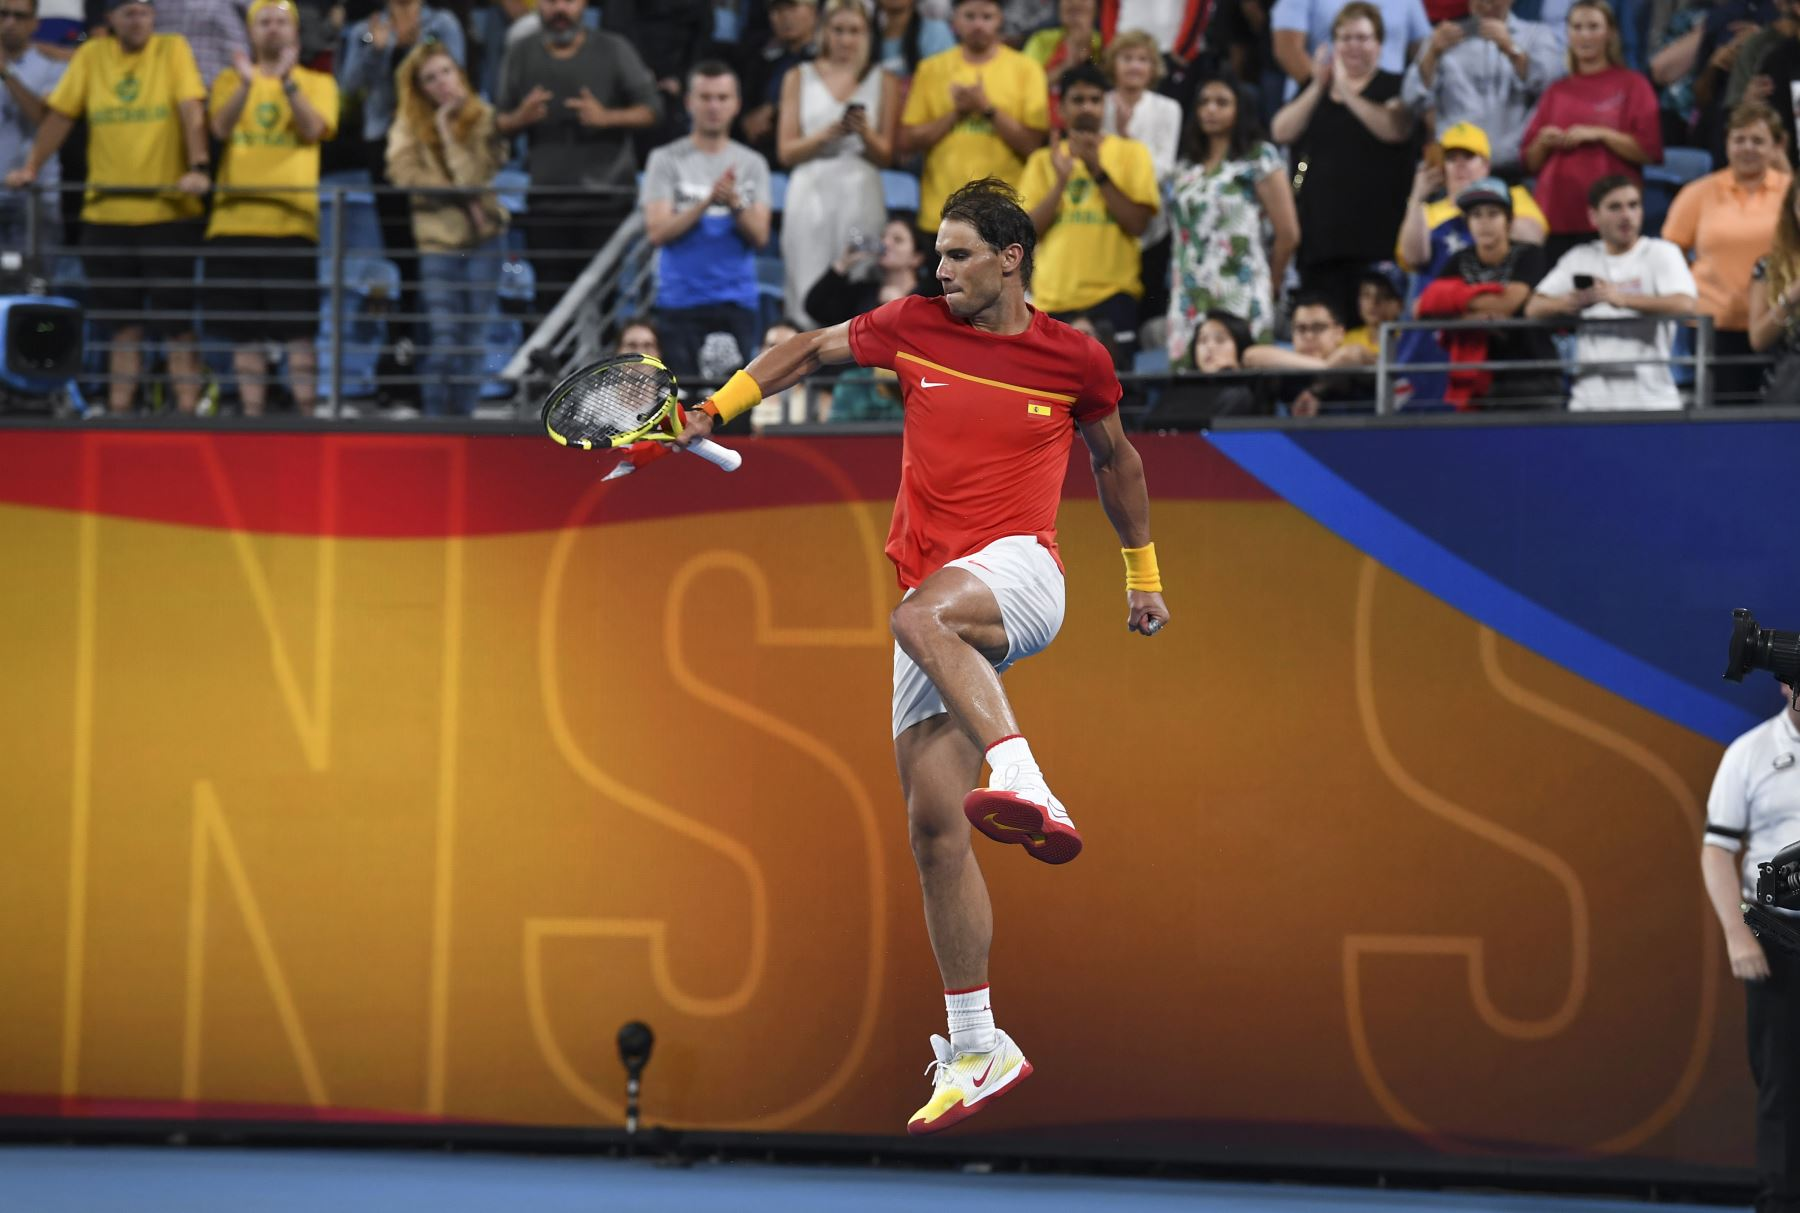 Rafael Nadal de España salta de alegría después de ganar su partido individual masculino contra Alex de Minaur de Australia en el torneo de tenis ATP Cup en Sydney. Foto: AFP